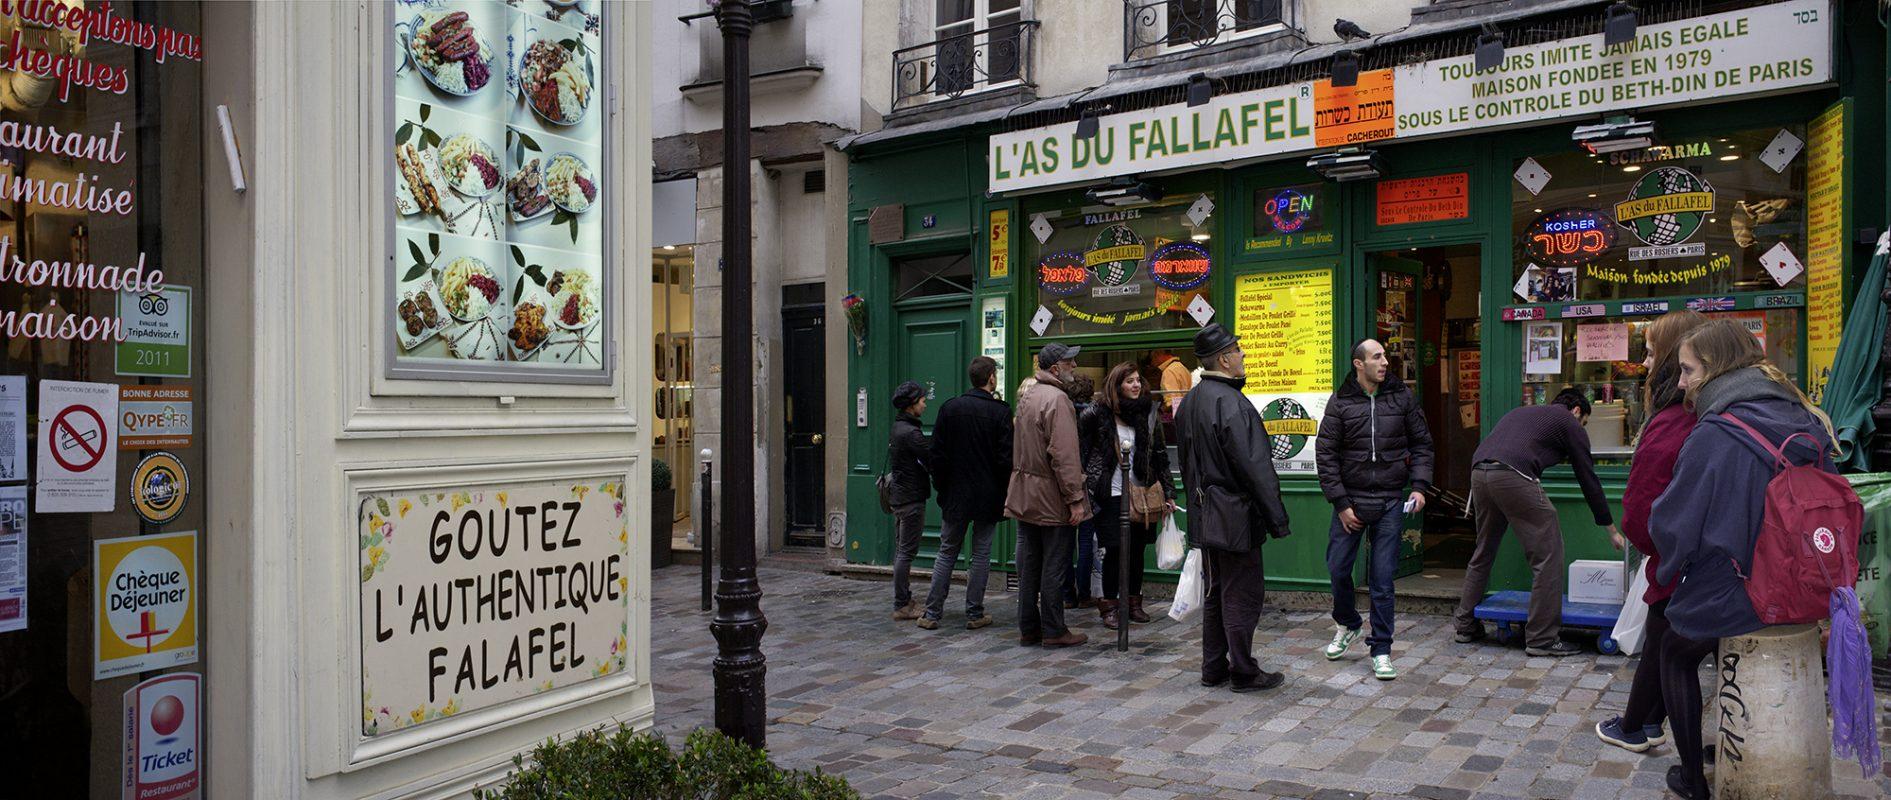 Rue de Rosiers, Marais, Fallafel